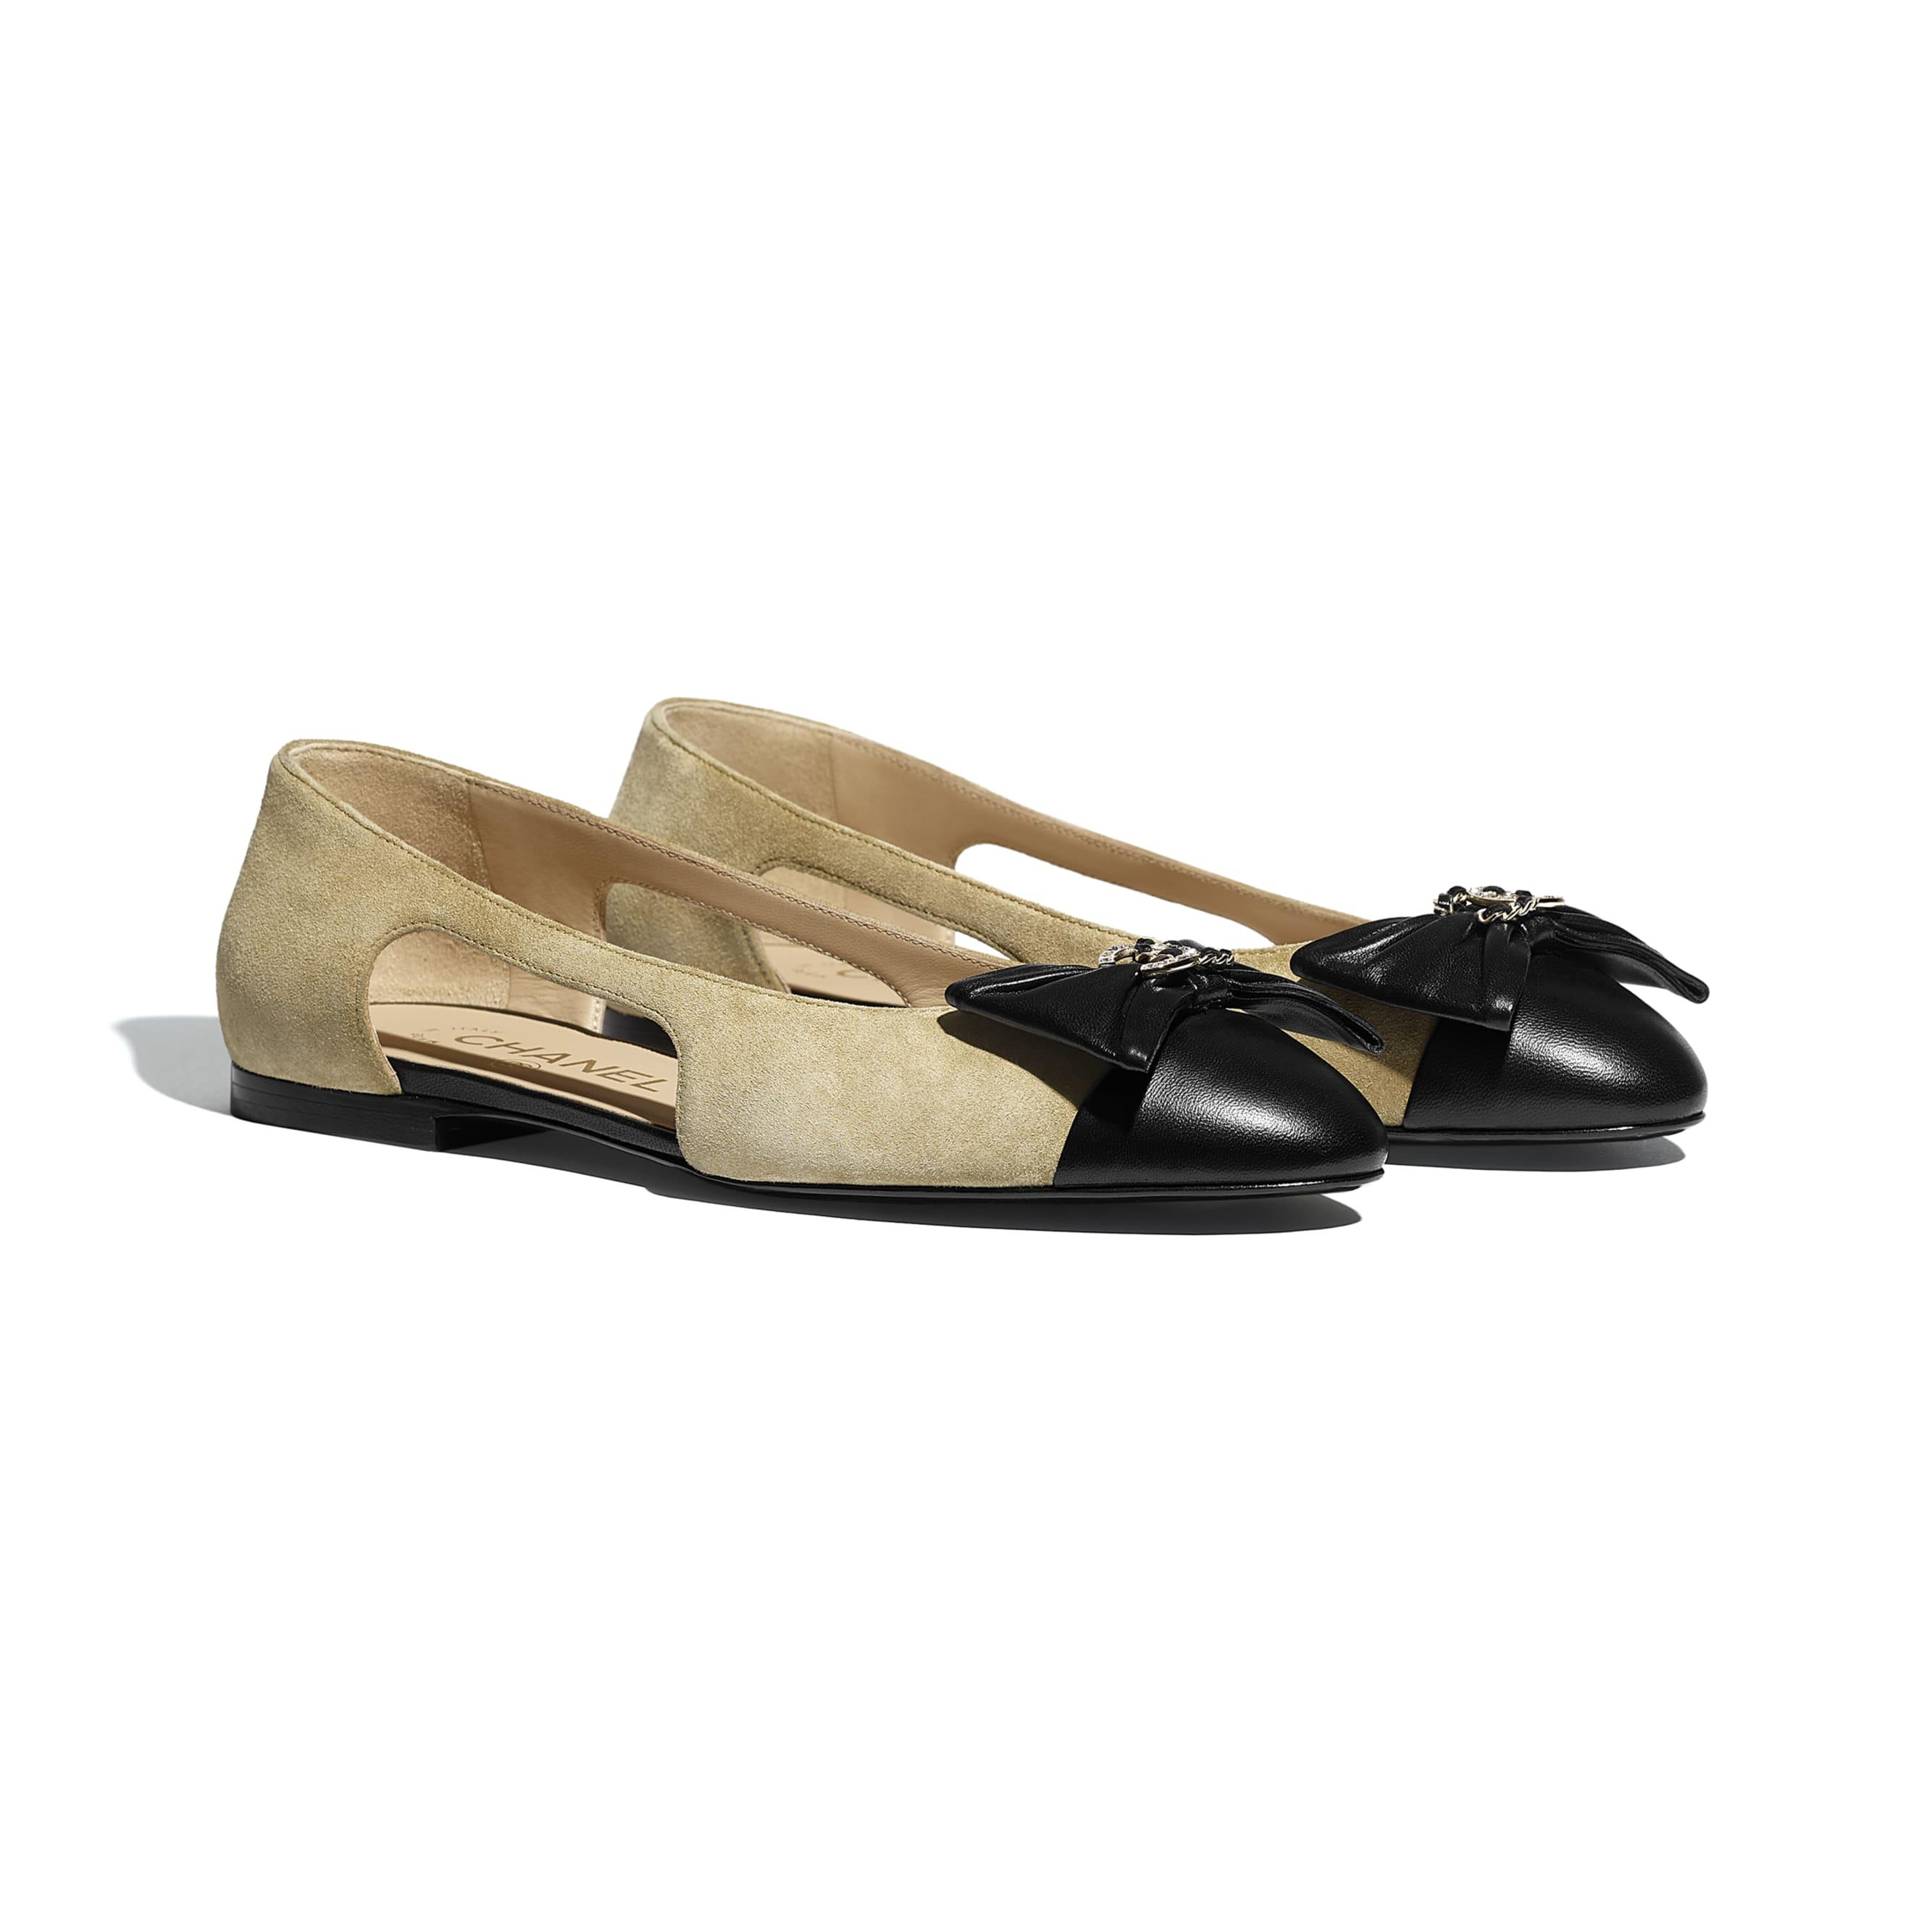 芭蕾舞鞋 - 米與黑 - 小牛麂皮與小羊皮 - CHANEL - 替代視圖 - 查看標準尺寸版本